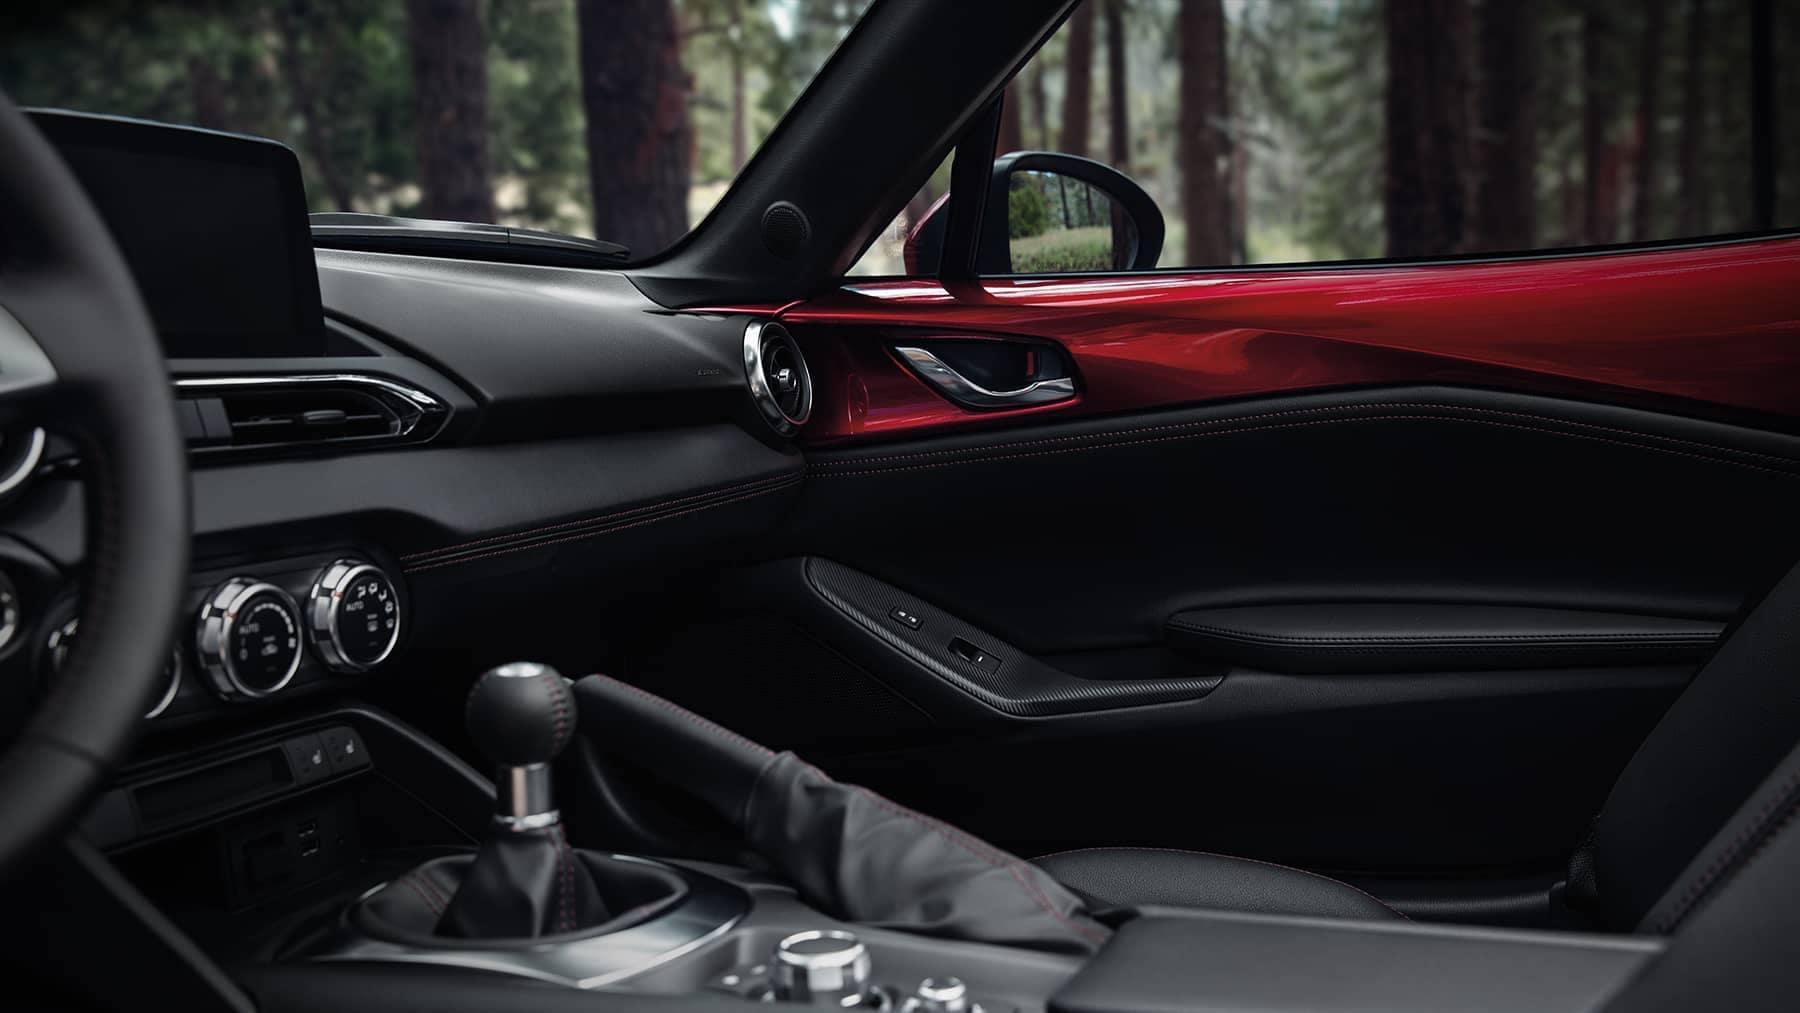 2019 Mazda MX-5 Miata passenger seat